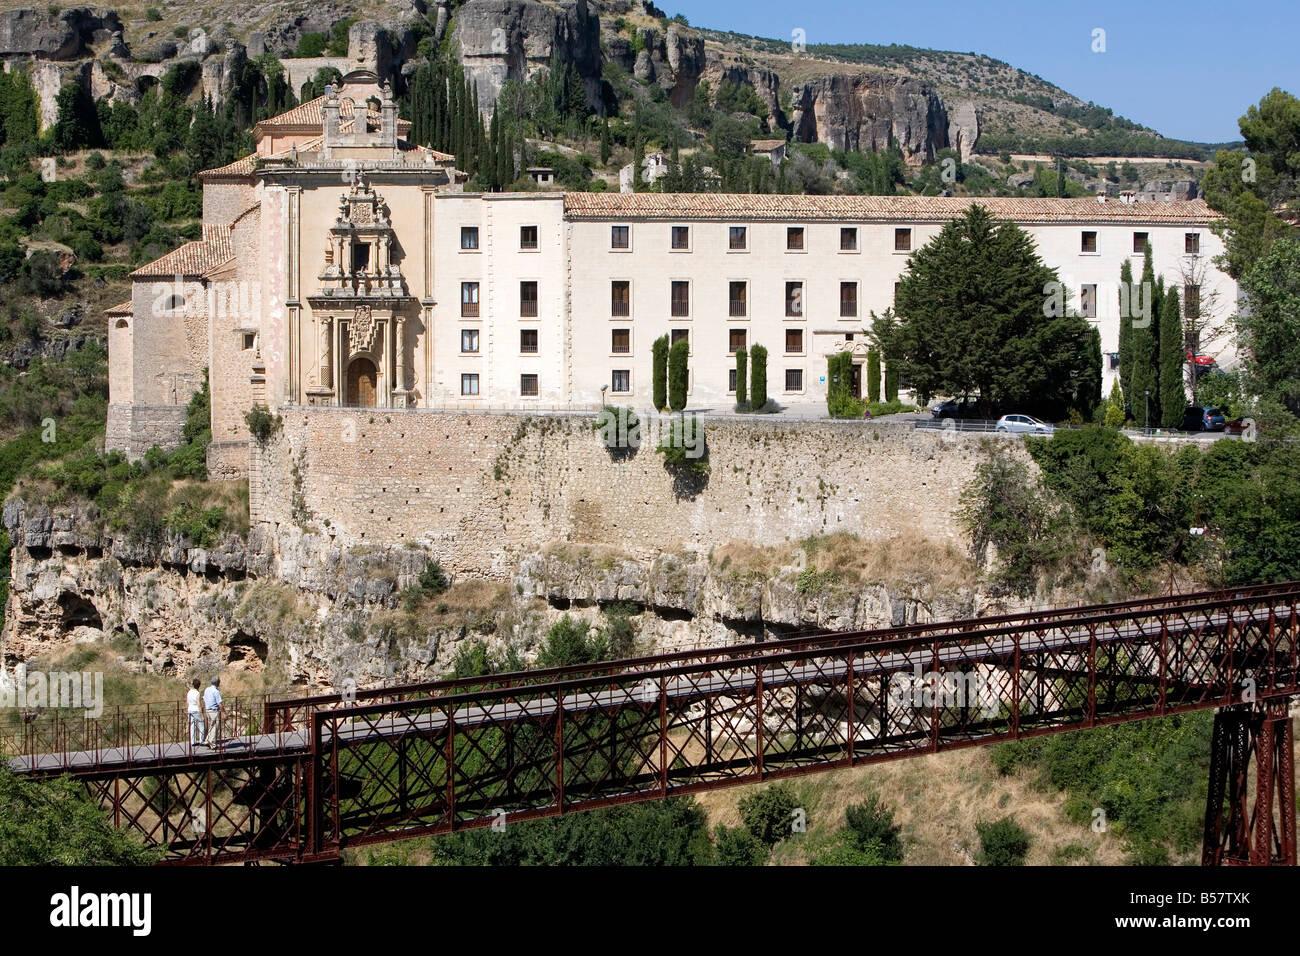 Convento de San Pablo, ora un Parador de Turismo, Cuenca, Castilla-La Mancha, in Spagna, Europa Immagini Stock